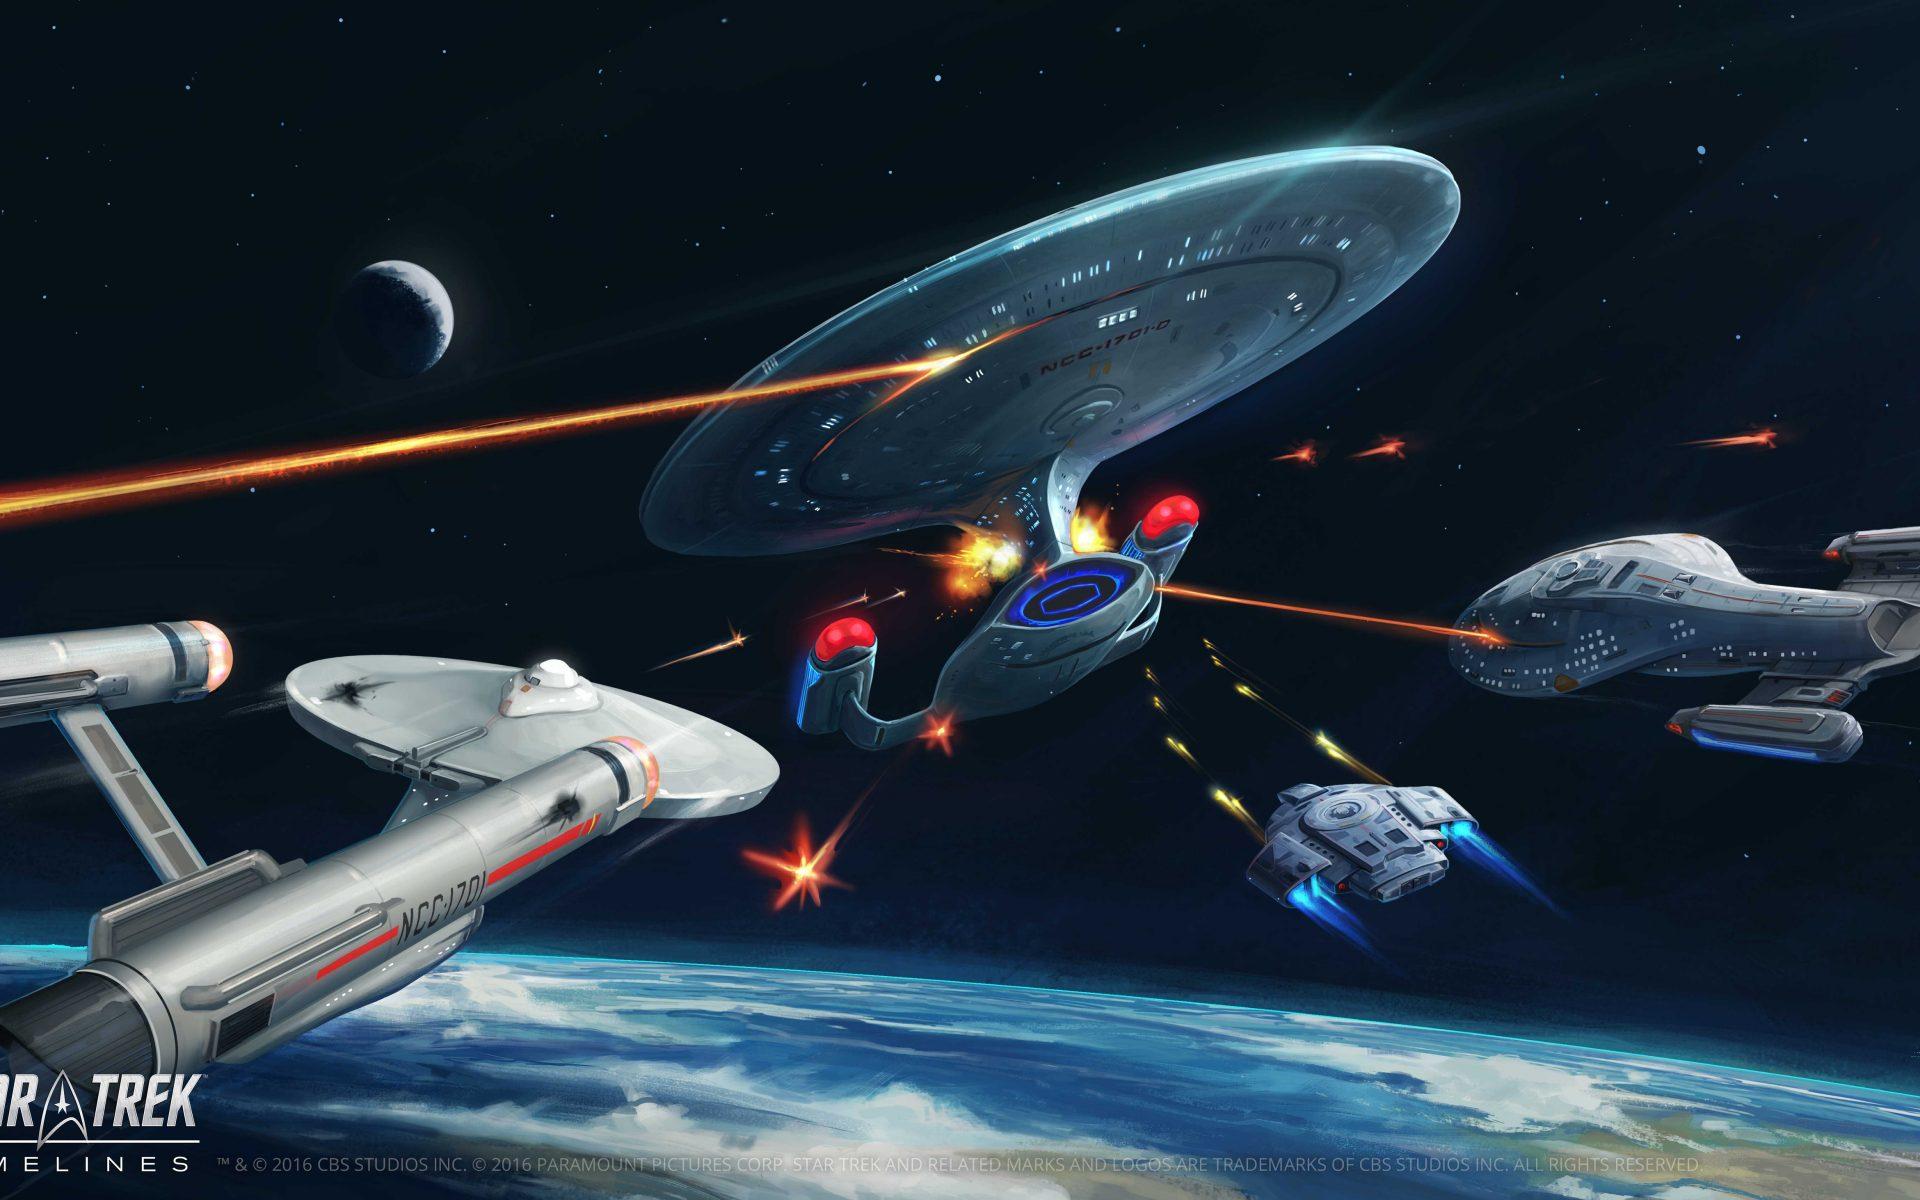 Star Trek Timelines Ship Battle Wallpaper Widescreen Hd 1920x1200